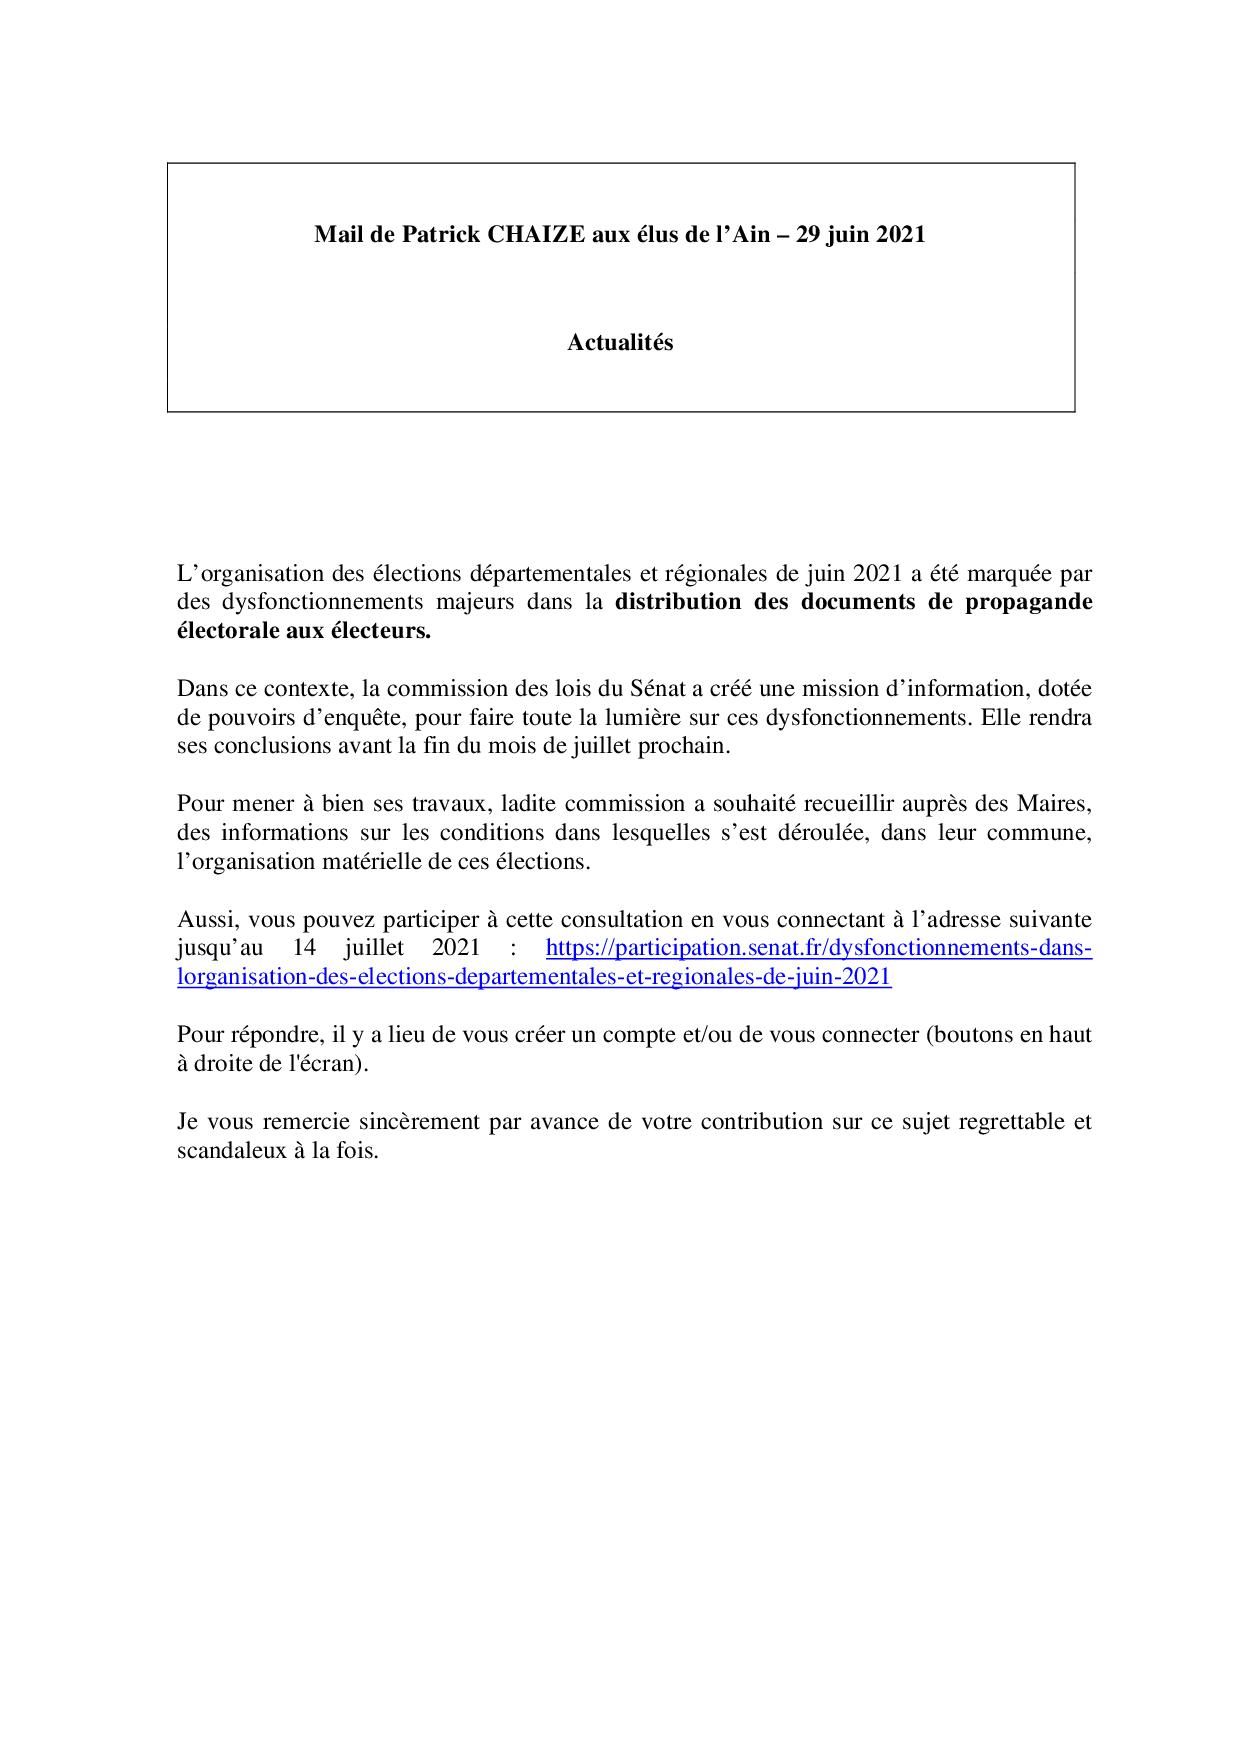 Mail_Information_Communiqué_Elus_Ain_N°78_20210629